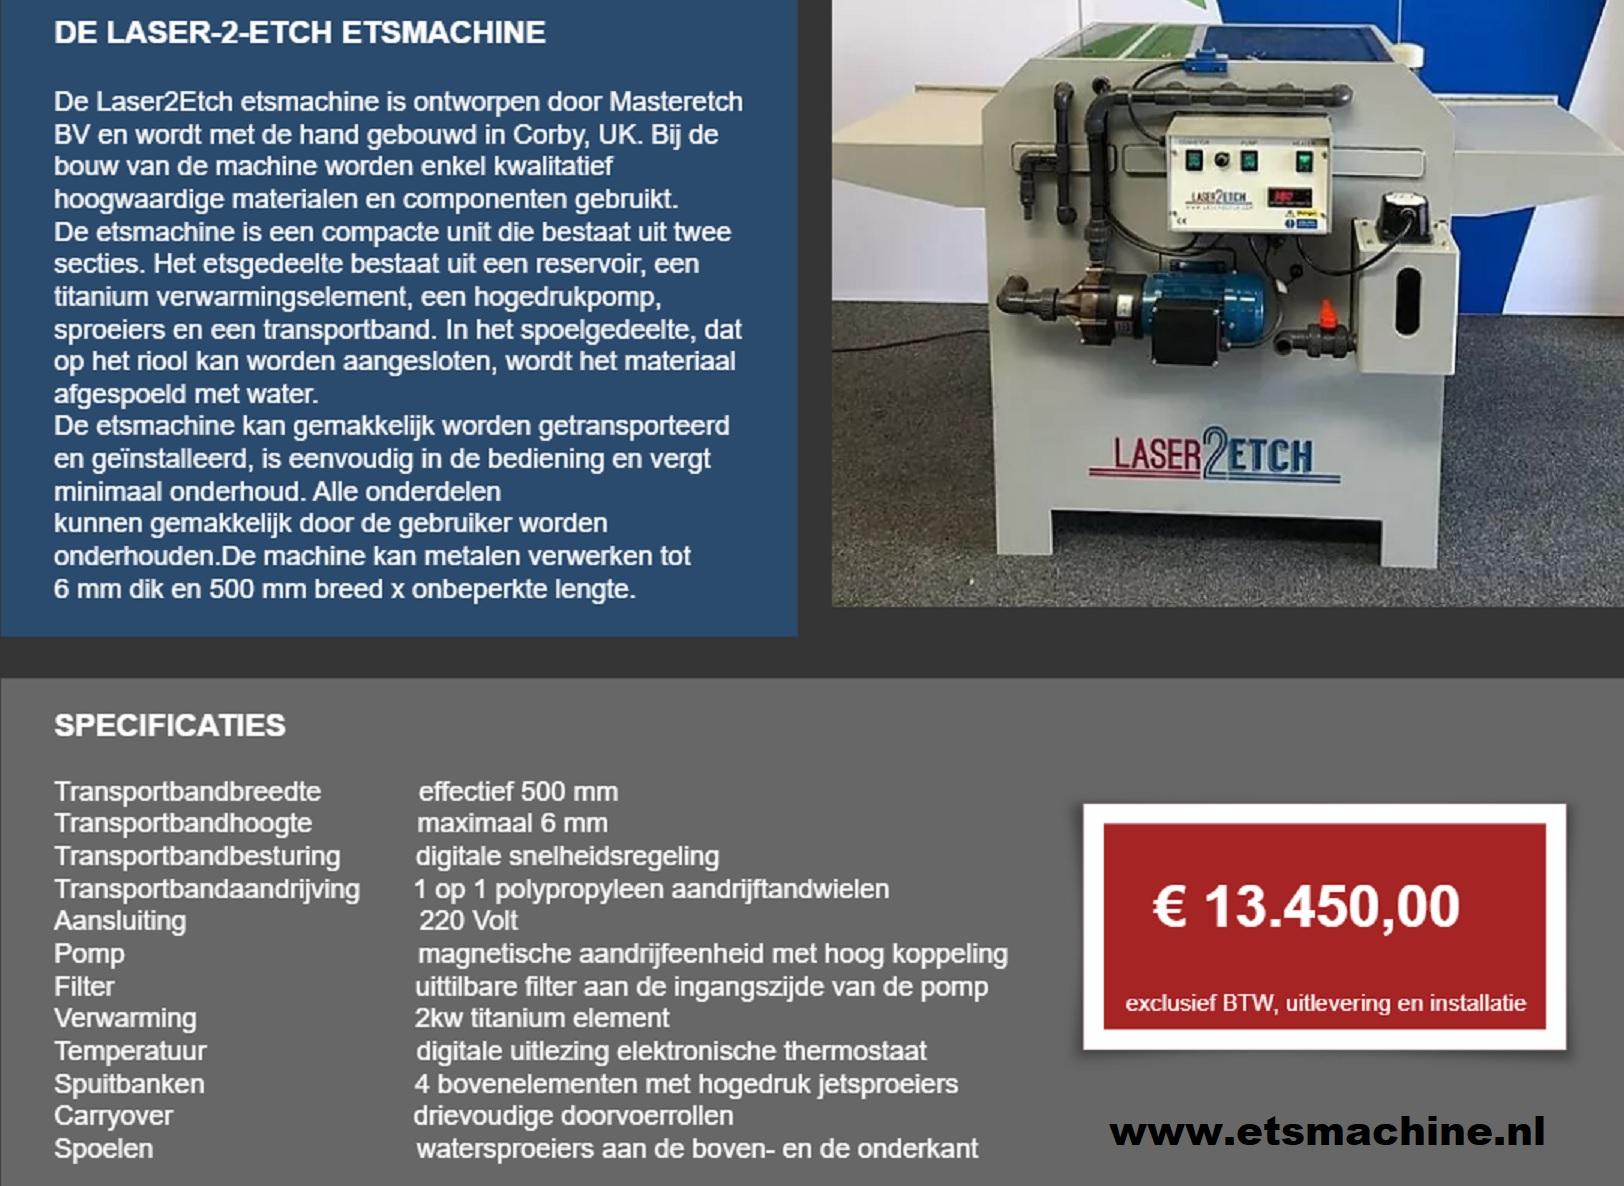 Laser2etch machine